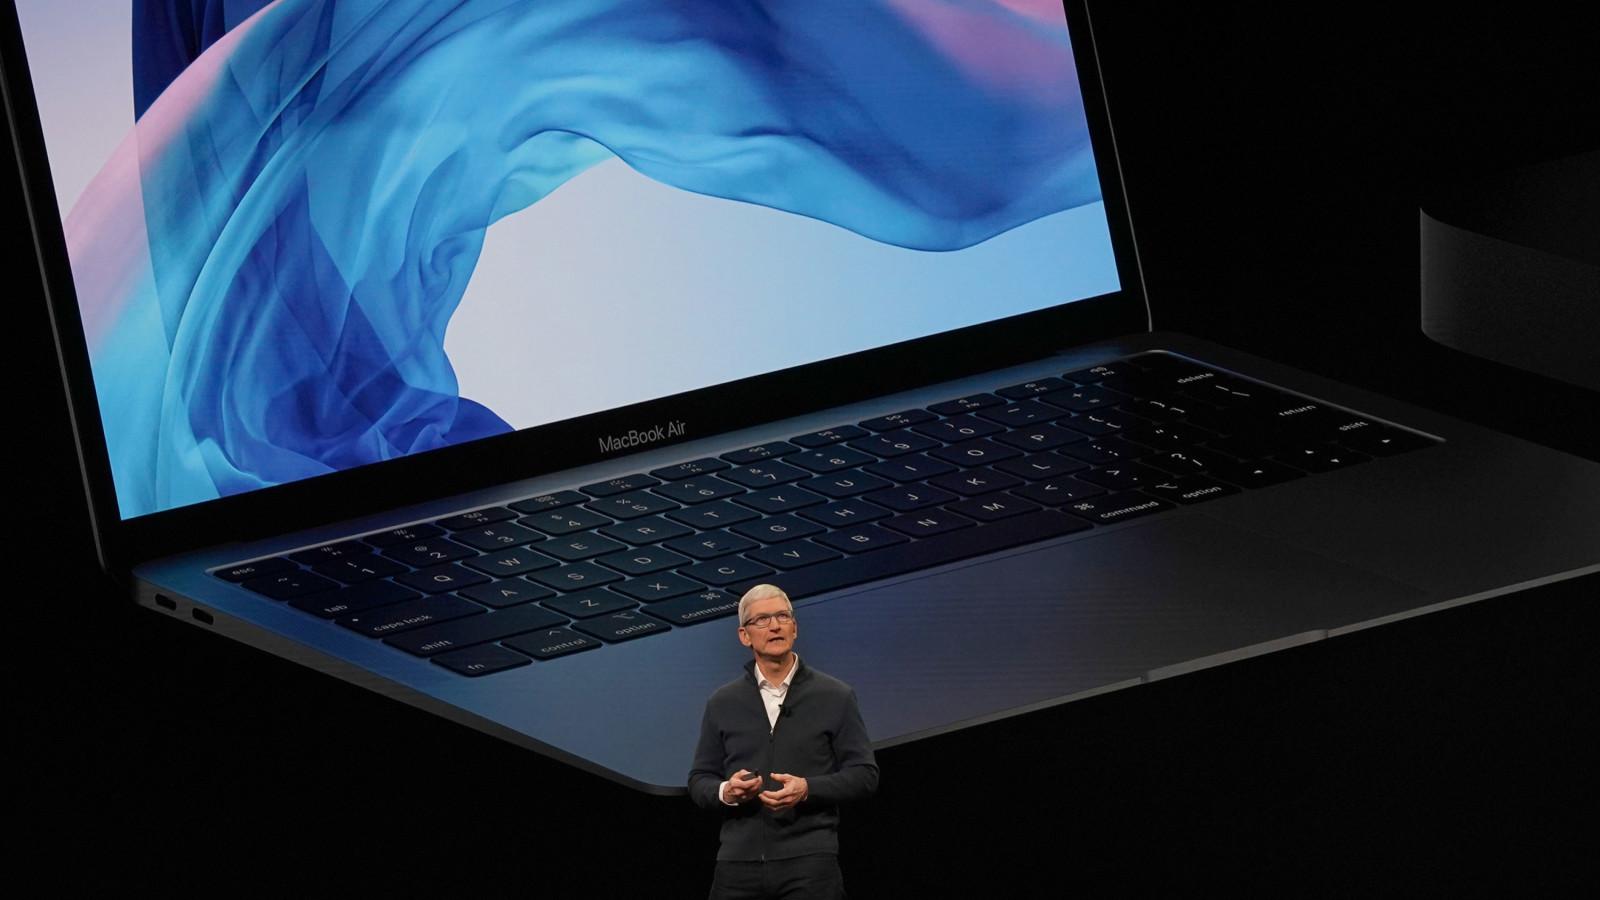 Das neue Apple MacBook Air (2020) soll günstiger werden